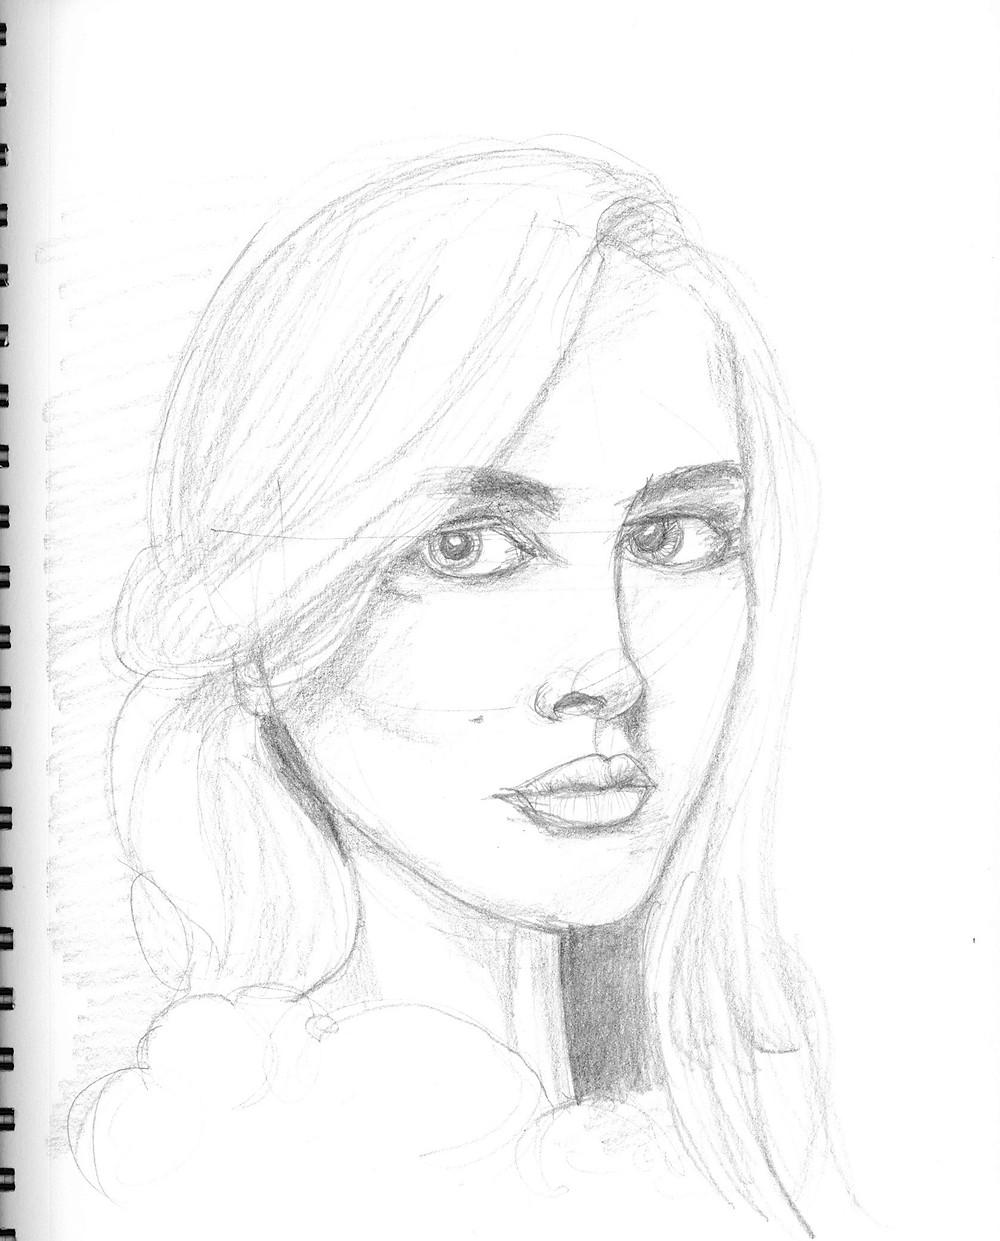 Female Portrait #1, graphite sketch